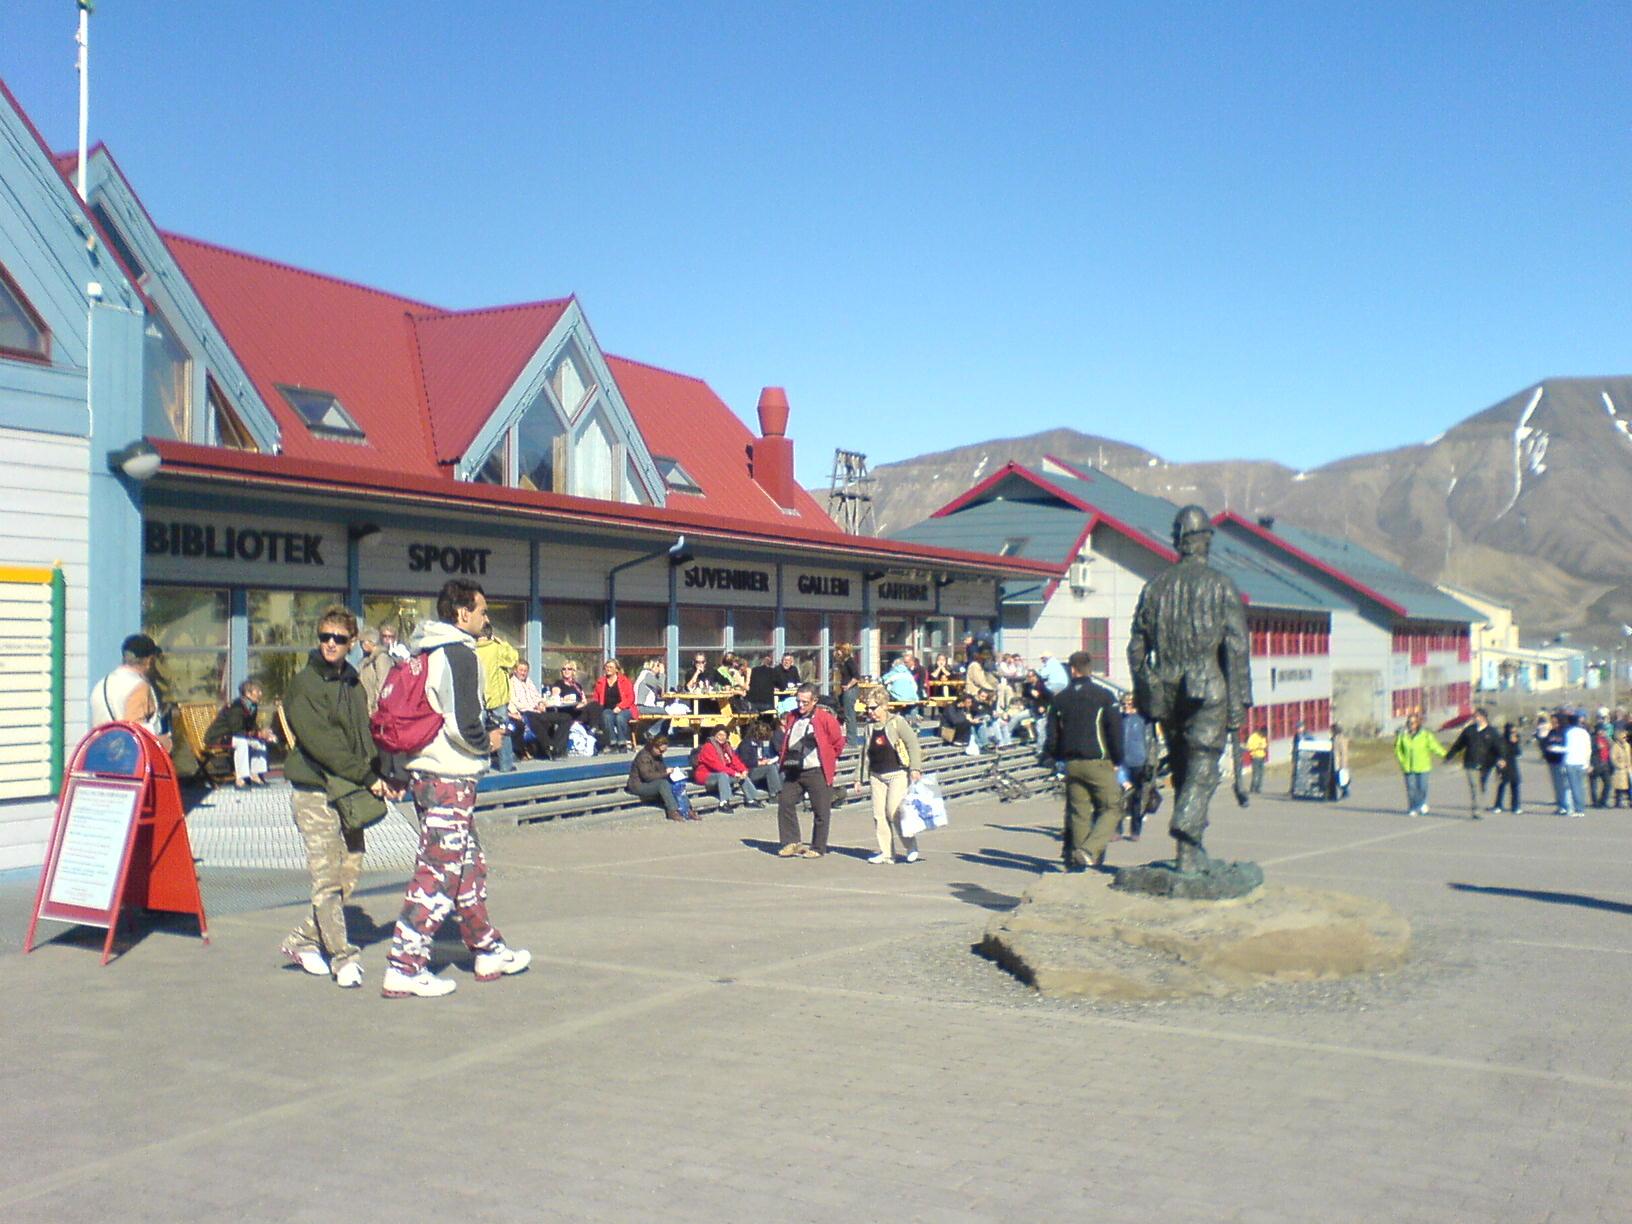 File:Longyearbyen main street.JPG - Wikipedia